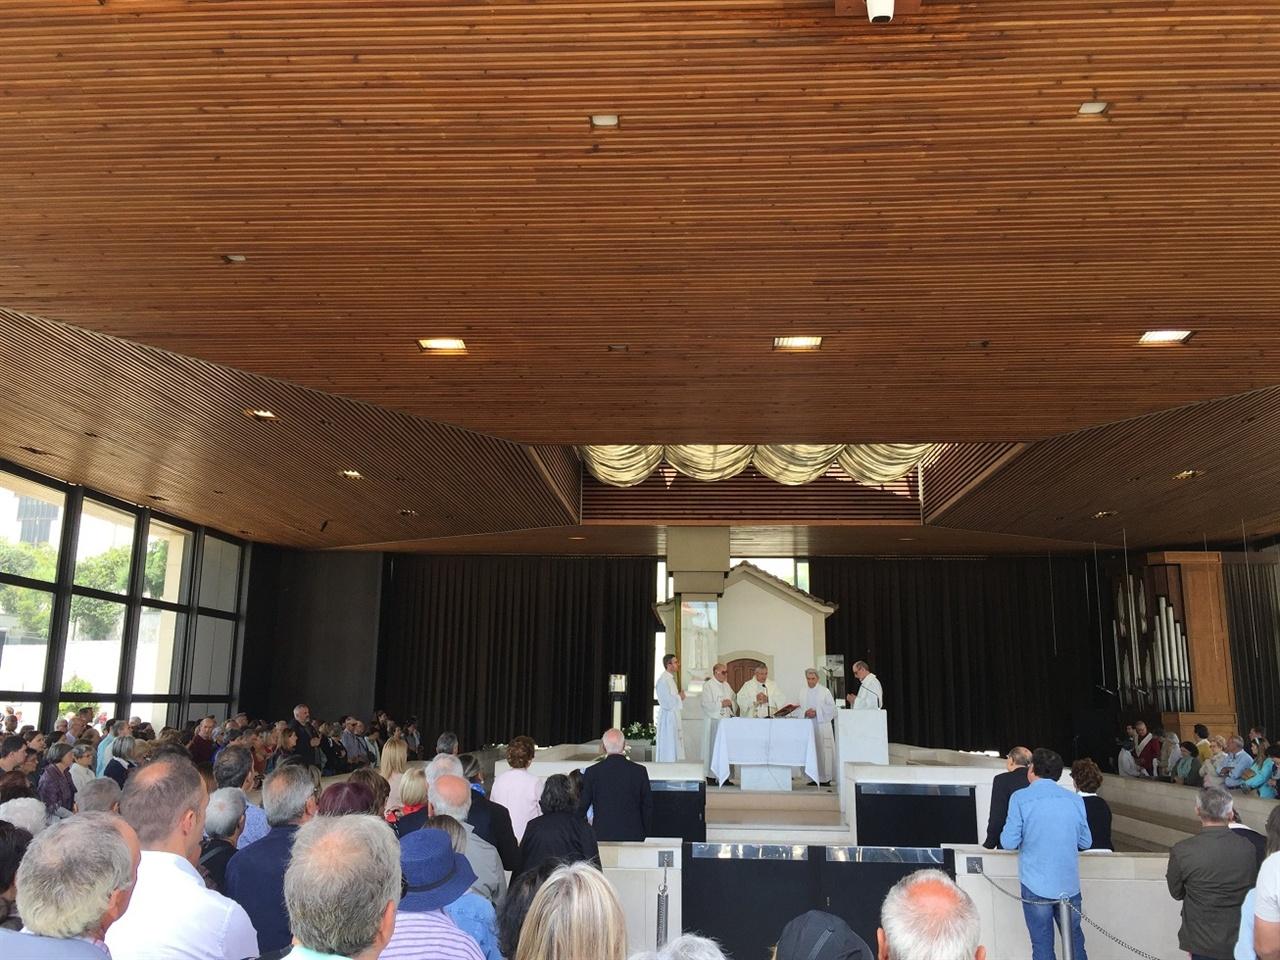 성지의 예배당에서 예배가 진행중이었어요.  신부님과 신자들, 성모가 발현하신 공간 주변으로 기도를 올리는 사람들의 진지한 기원이 가득한 시간이었네요. 그 안을 가득채운 기도와 찬송이 성스럽게 느껴졌습니다. 당신의 평화를 빕니다.